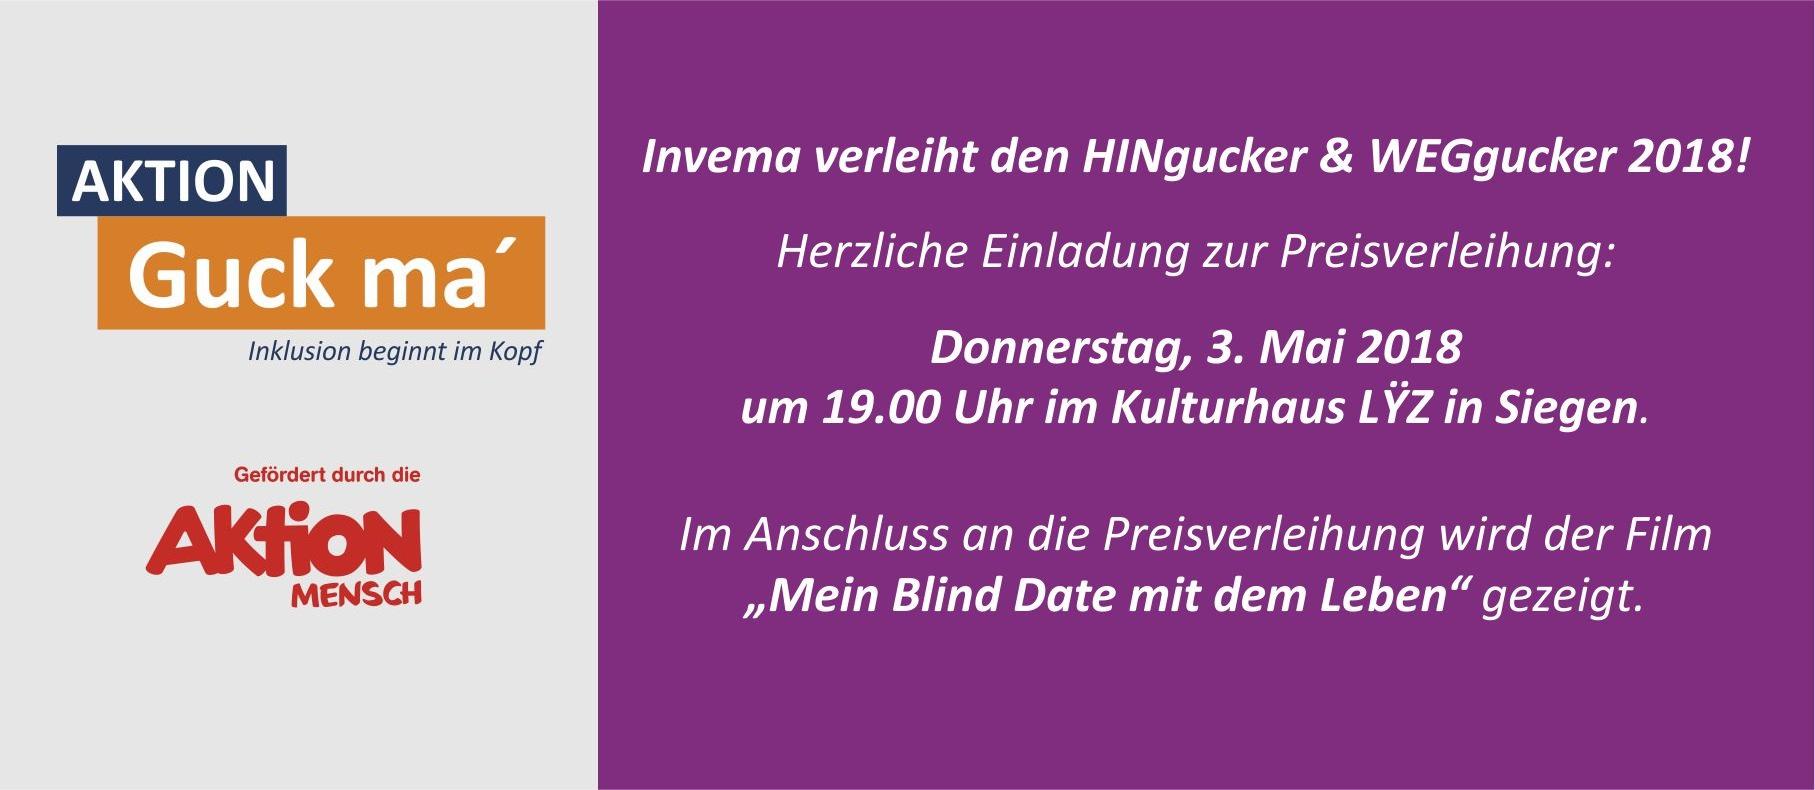 """Invema verleiht den HINgucker & WEGgucker 2018! Herzliche Einladung zur Preisverleihung: Donnerstag, 3. Mai 2018 um 19.00 Uhr im Kulturhaus LYZ in Siegen. Im Anschluss an die Preisverleihung wird der Film """"Mein Blind Date mit dem Leben"""" gezeigt."""